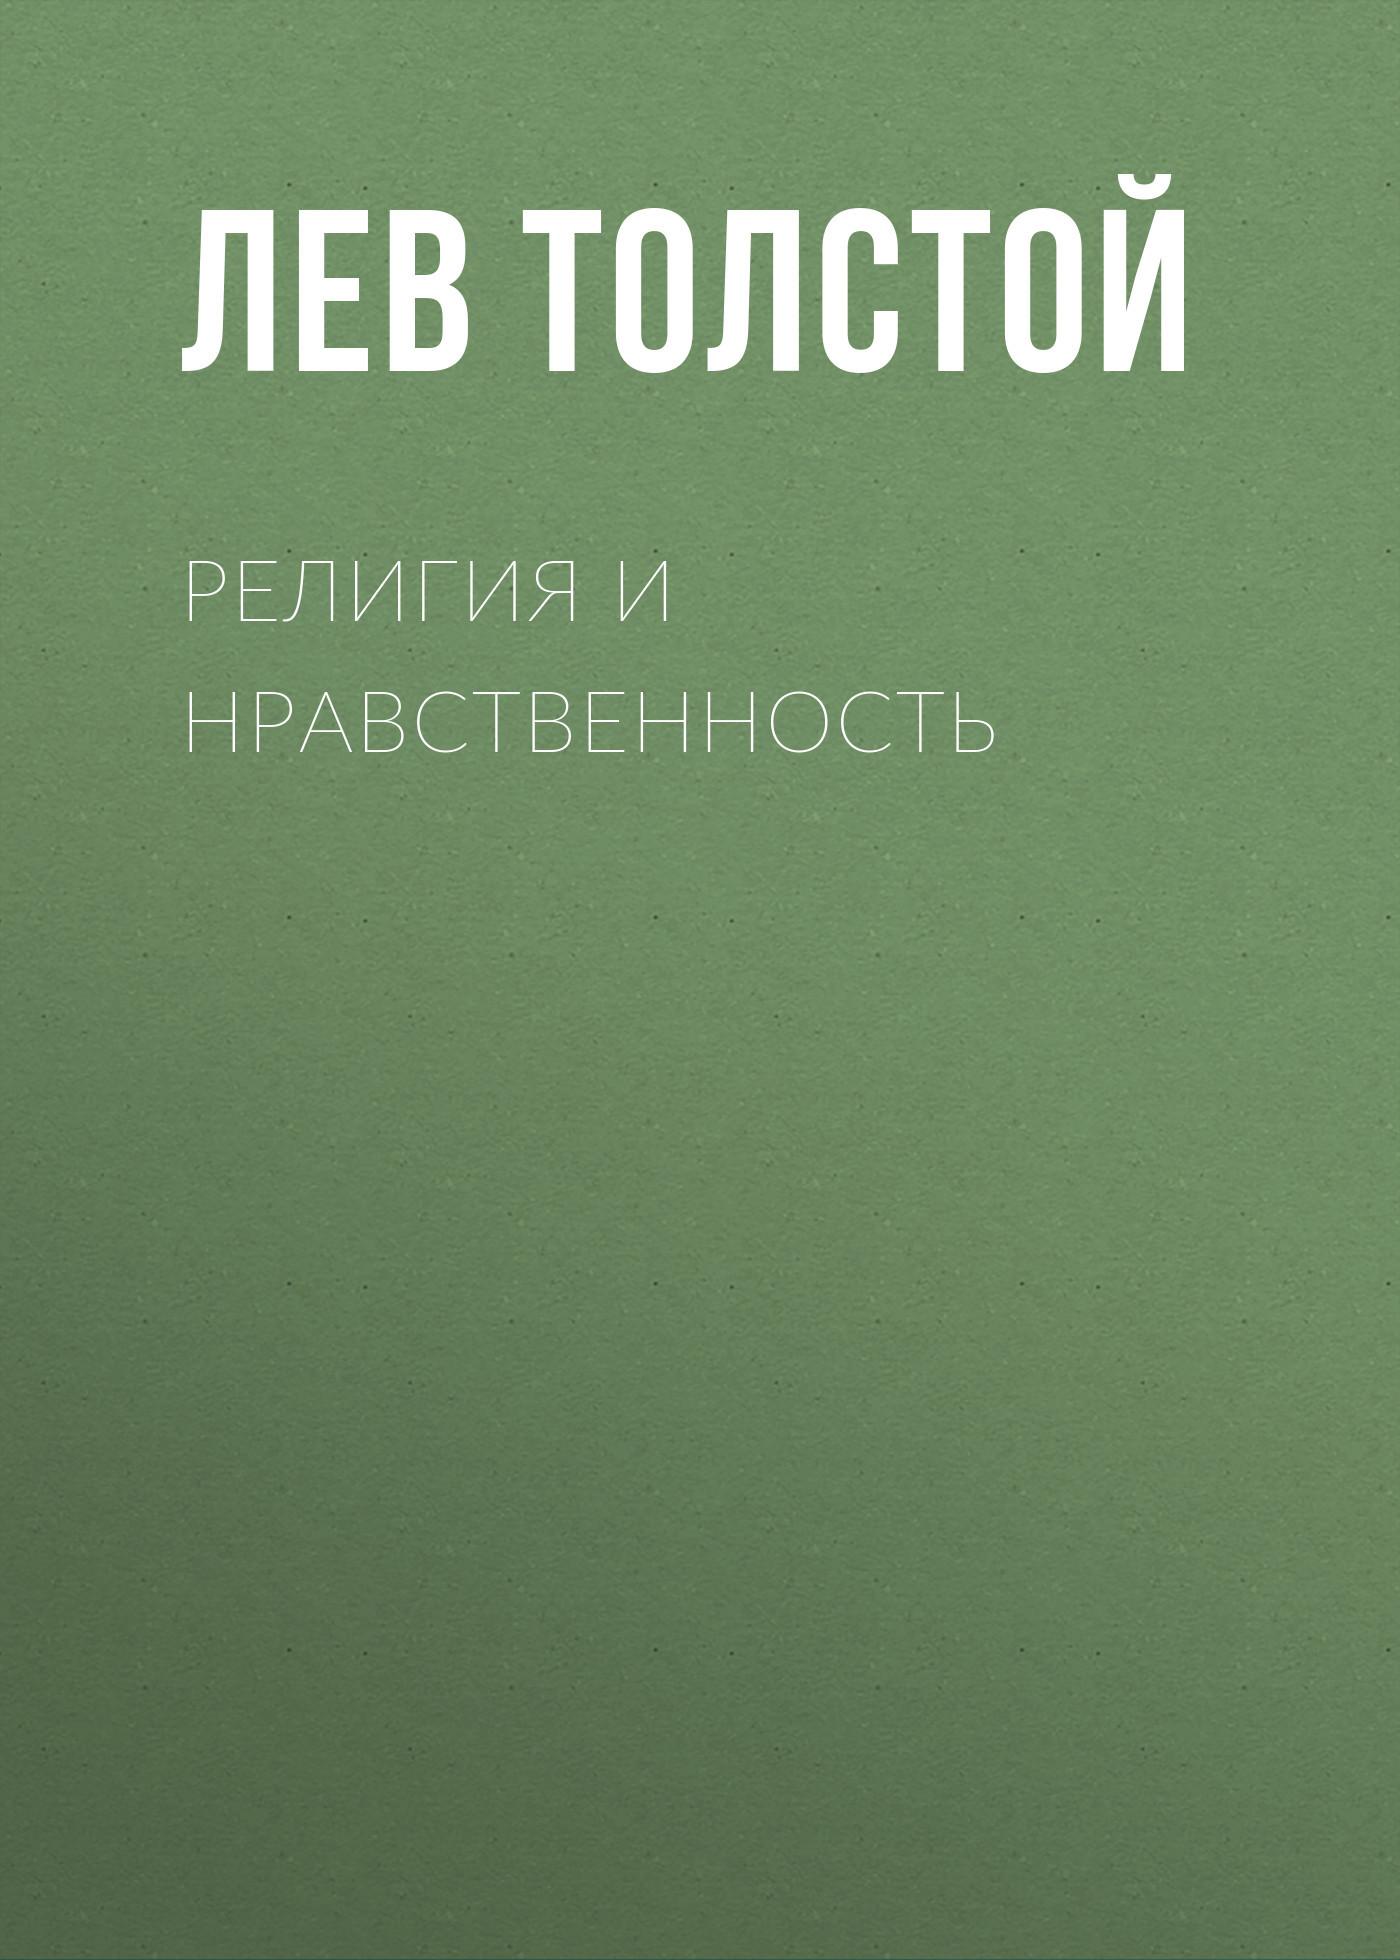 Лев Толстой Религия и нравственность я читаю и понимаю текст мальцева и clever